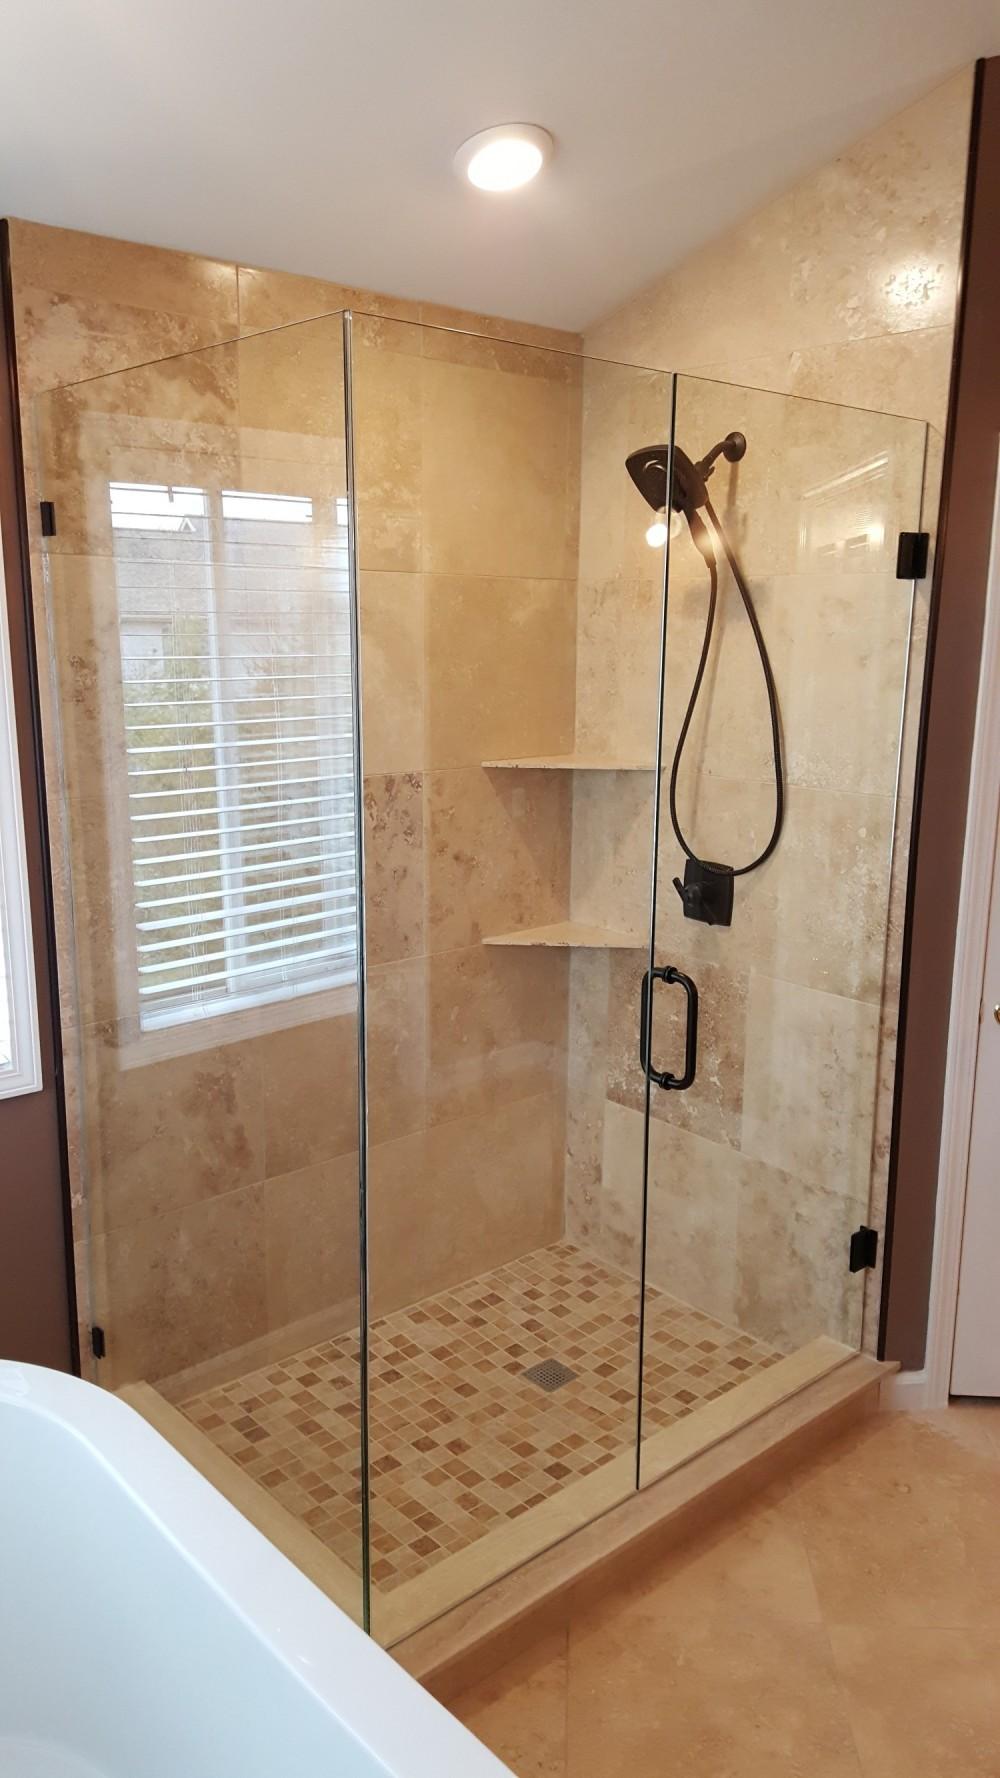 Euro Shower Doors Michigan, Euro Shower Door Pictures Michigan, Euro Shower doors, Shower doors, Shower Glass ,